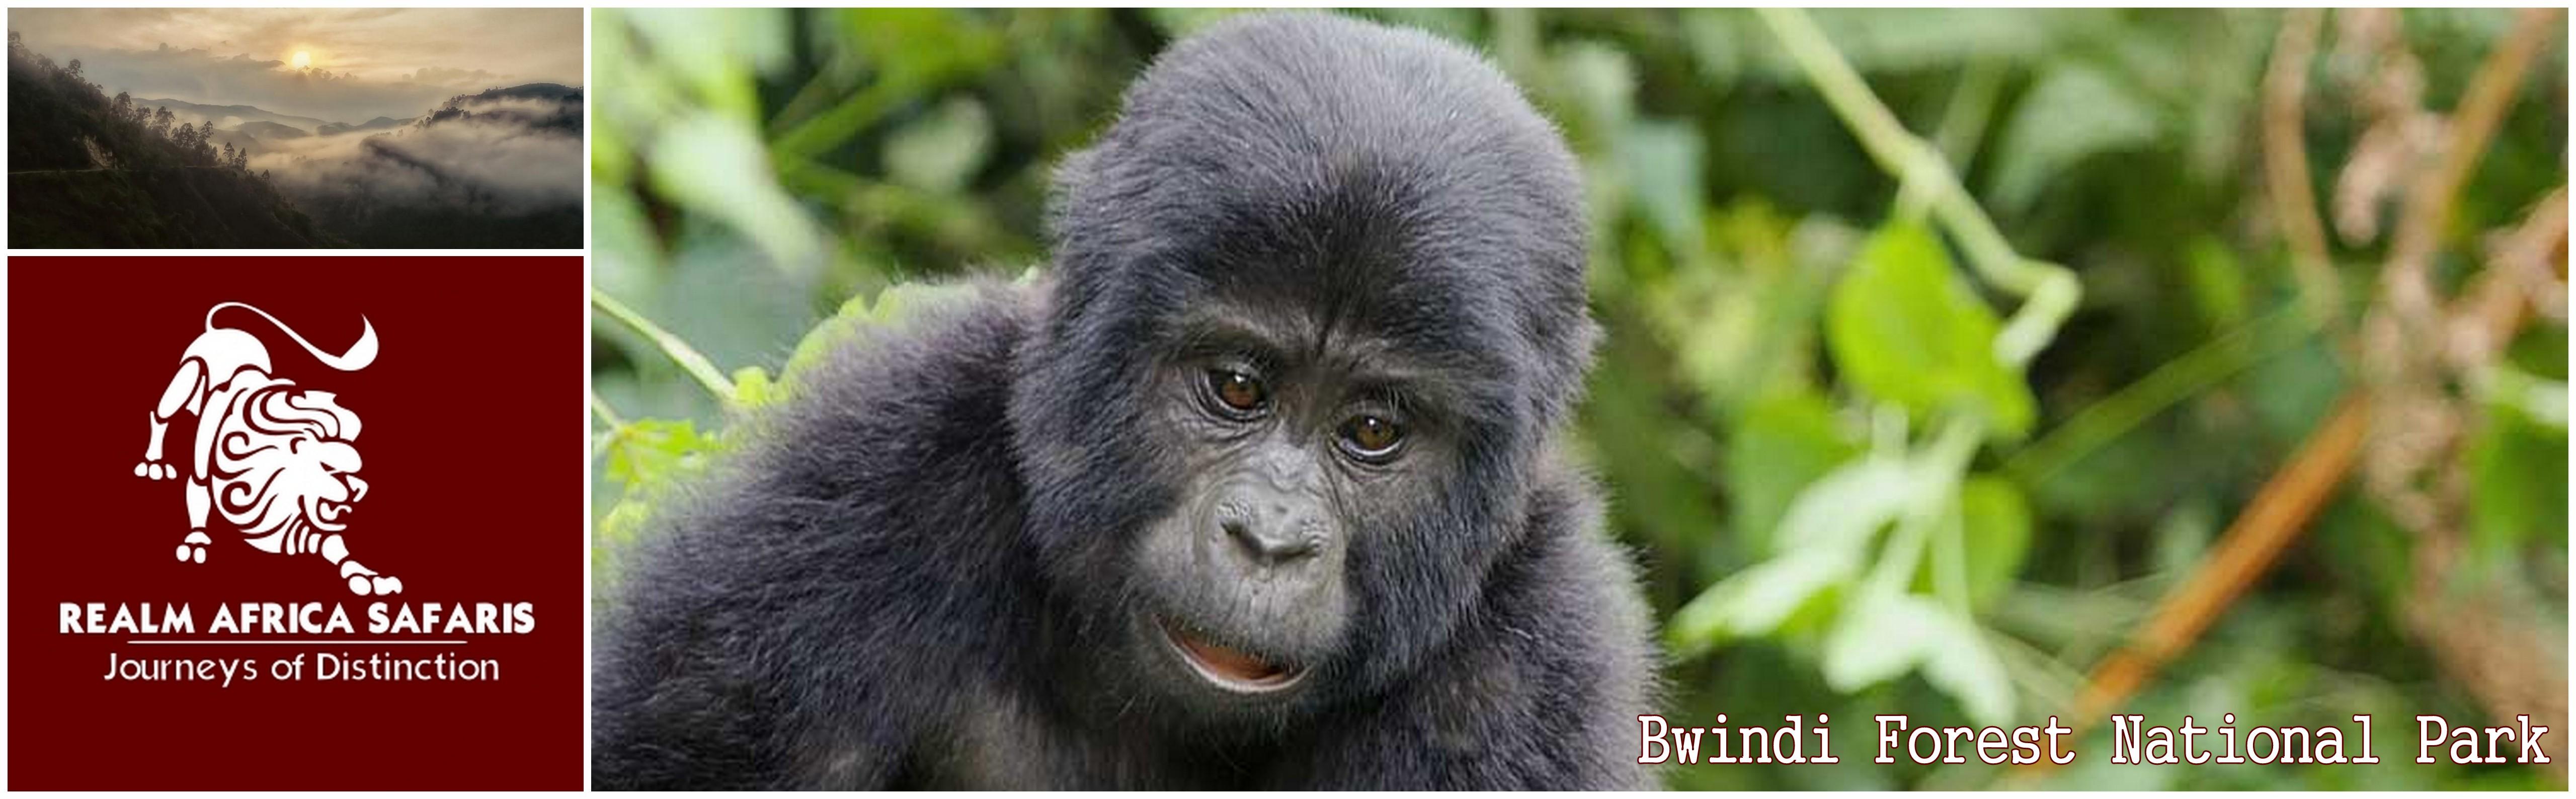 Bwindi Forest National Park Uganda